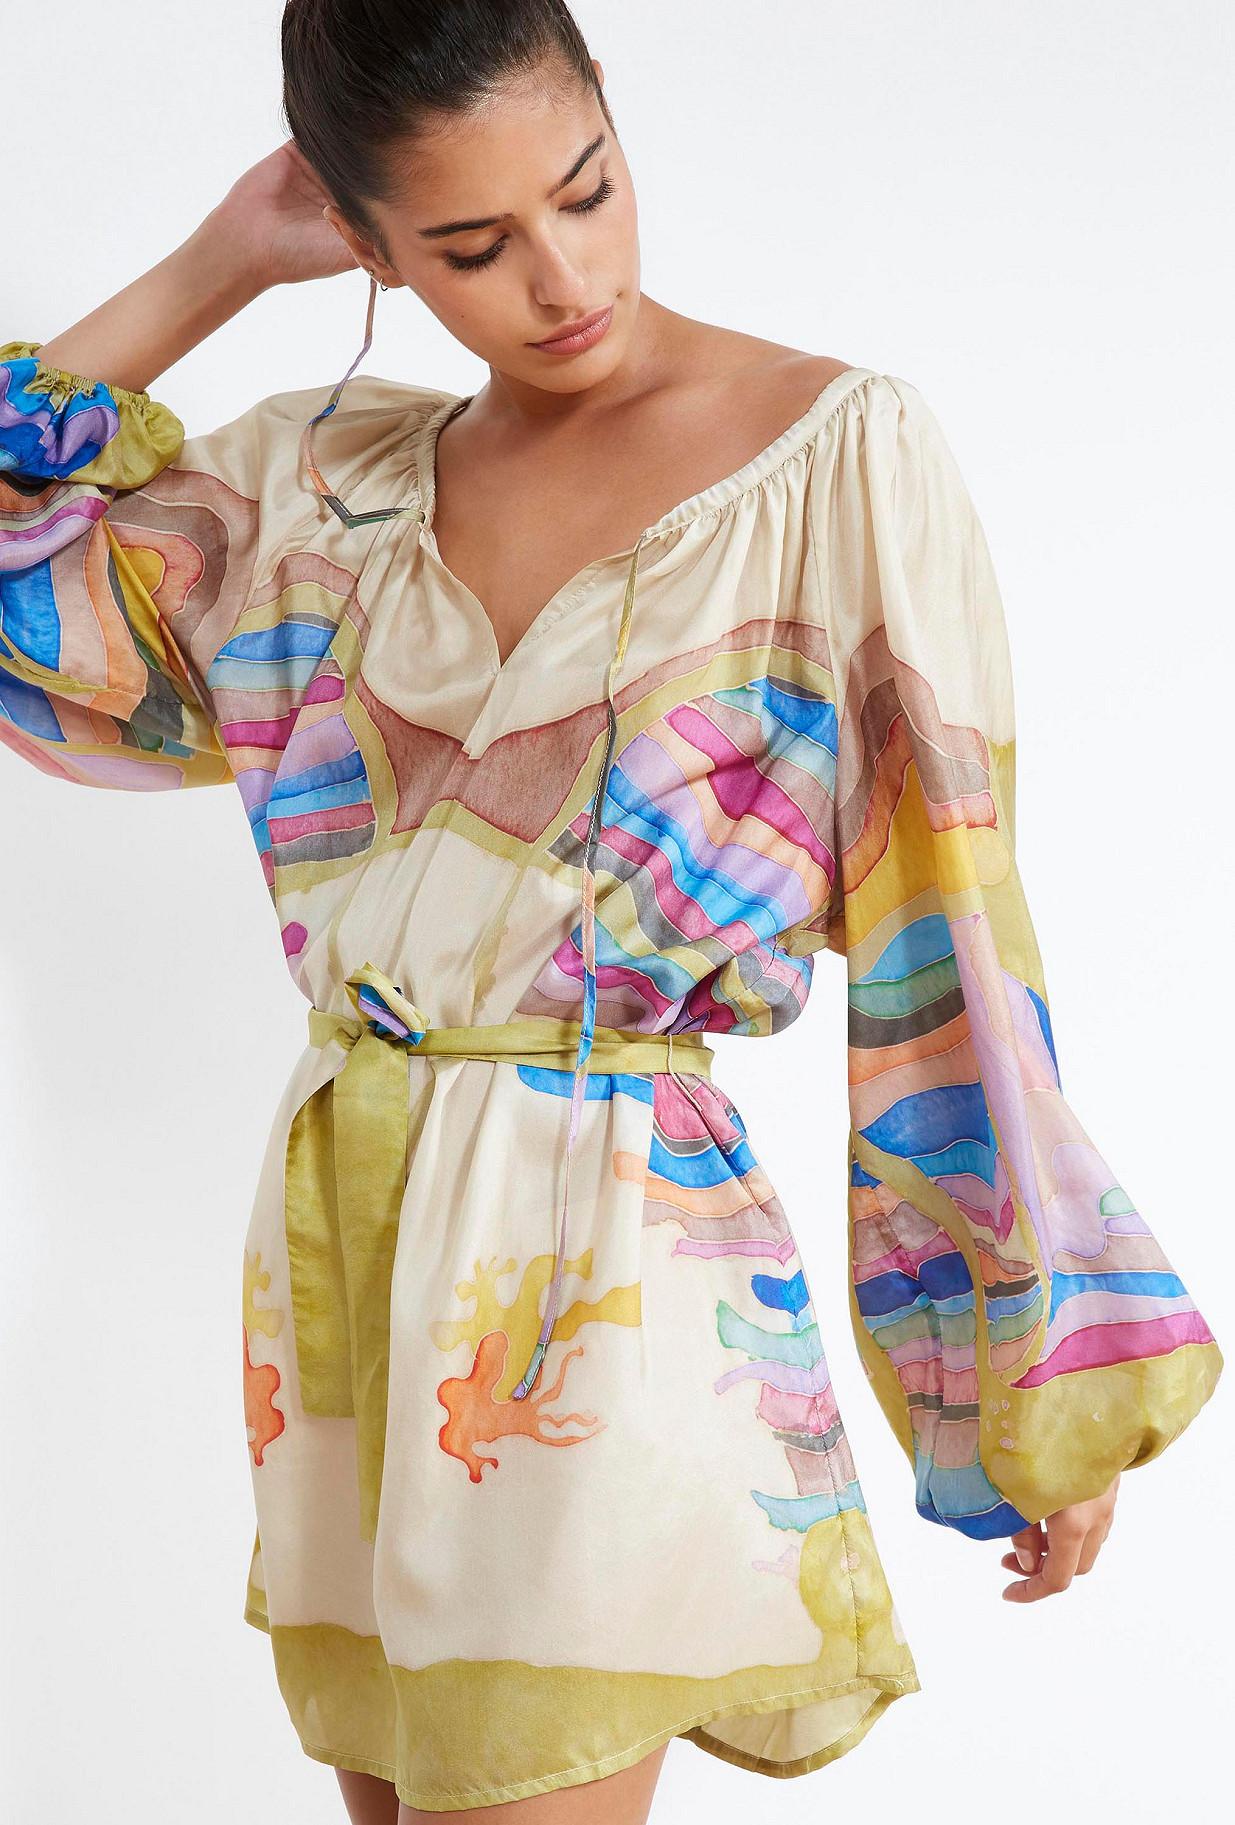 clothes store BLOUSE  Sum french designer fashion Paris